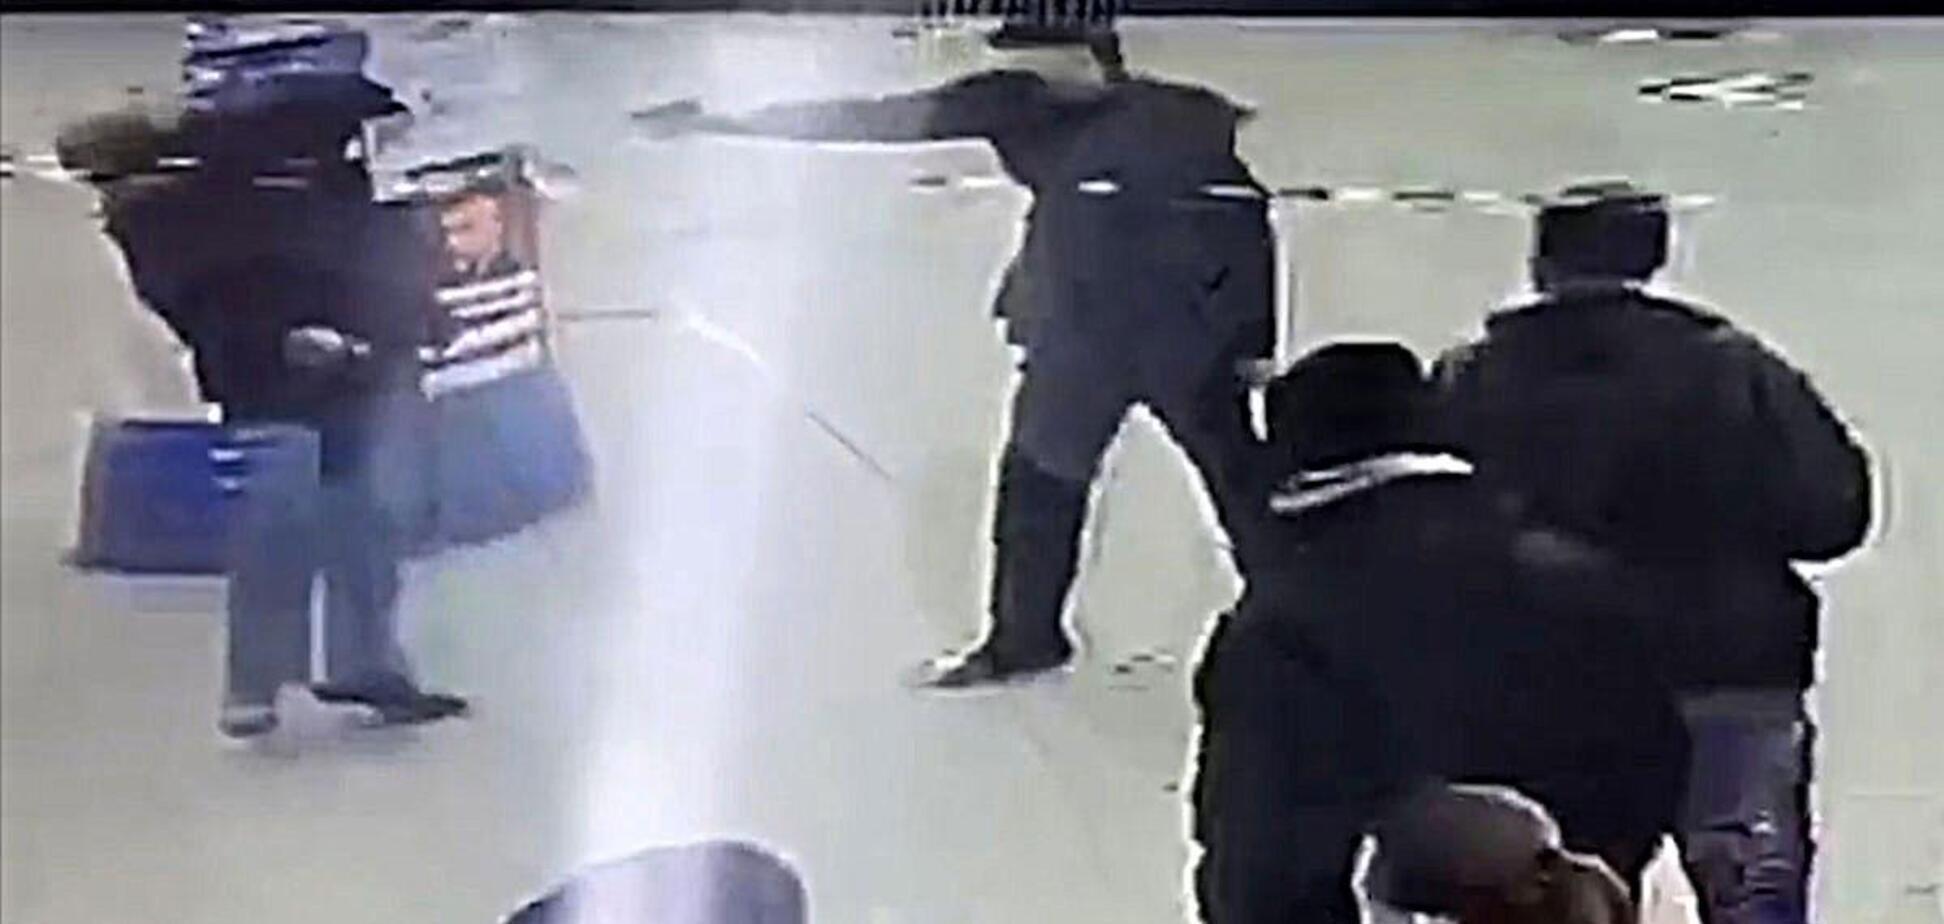 У Кременчуці біля зупинки застрелили чоловіка: поліція показала шокуючі кадри